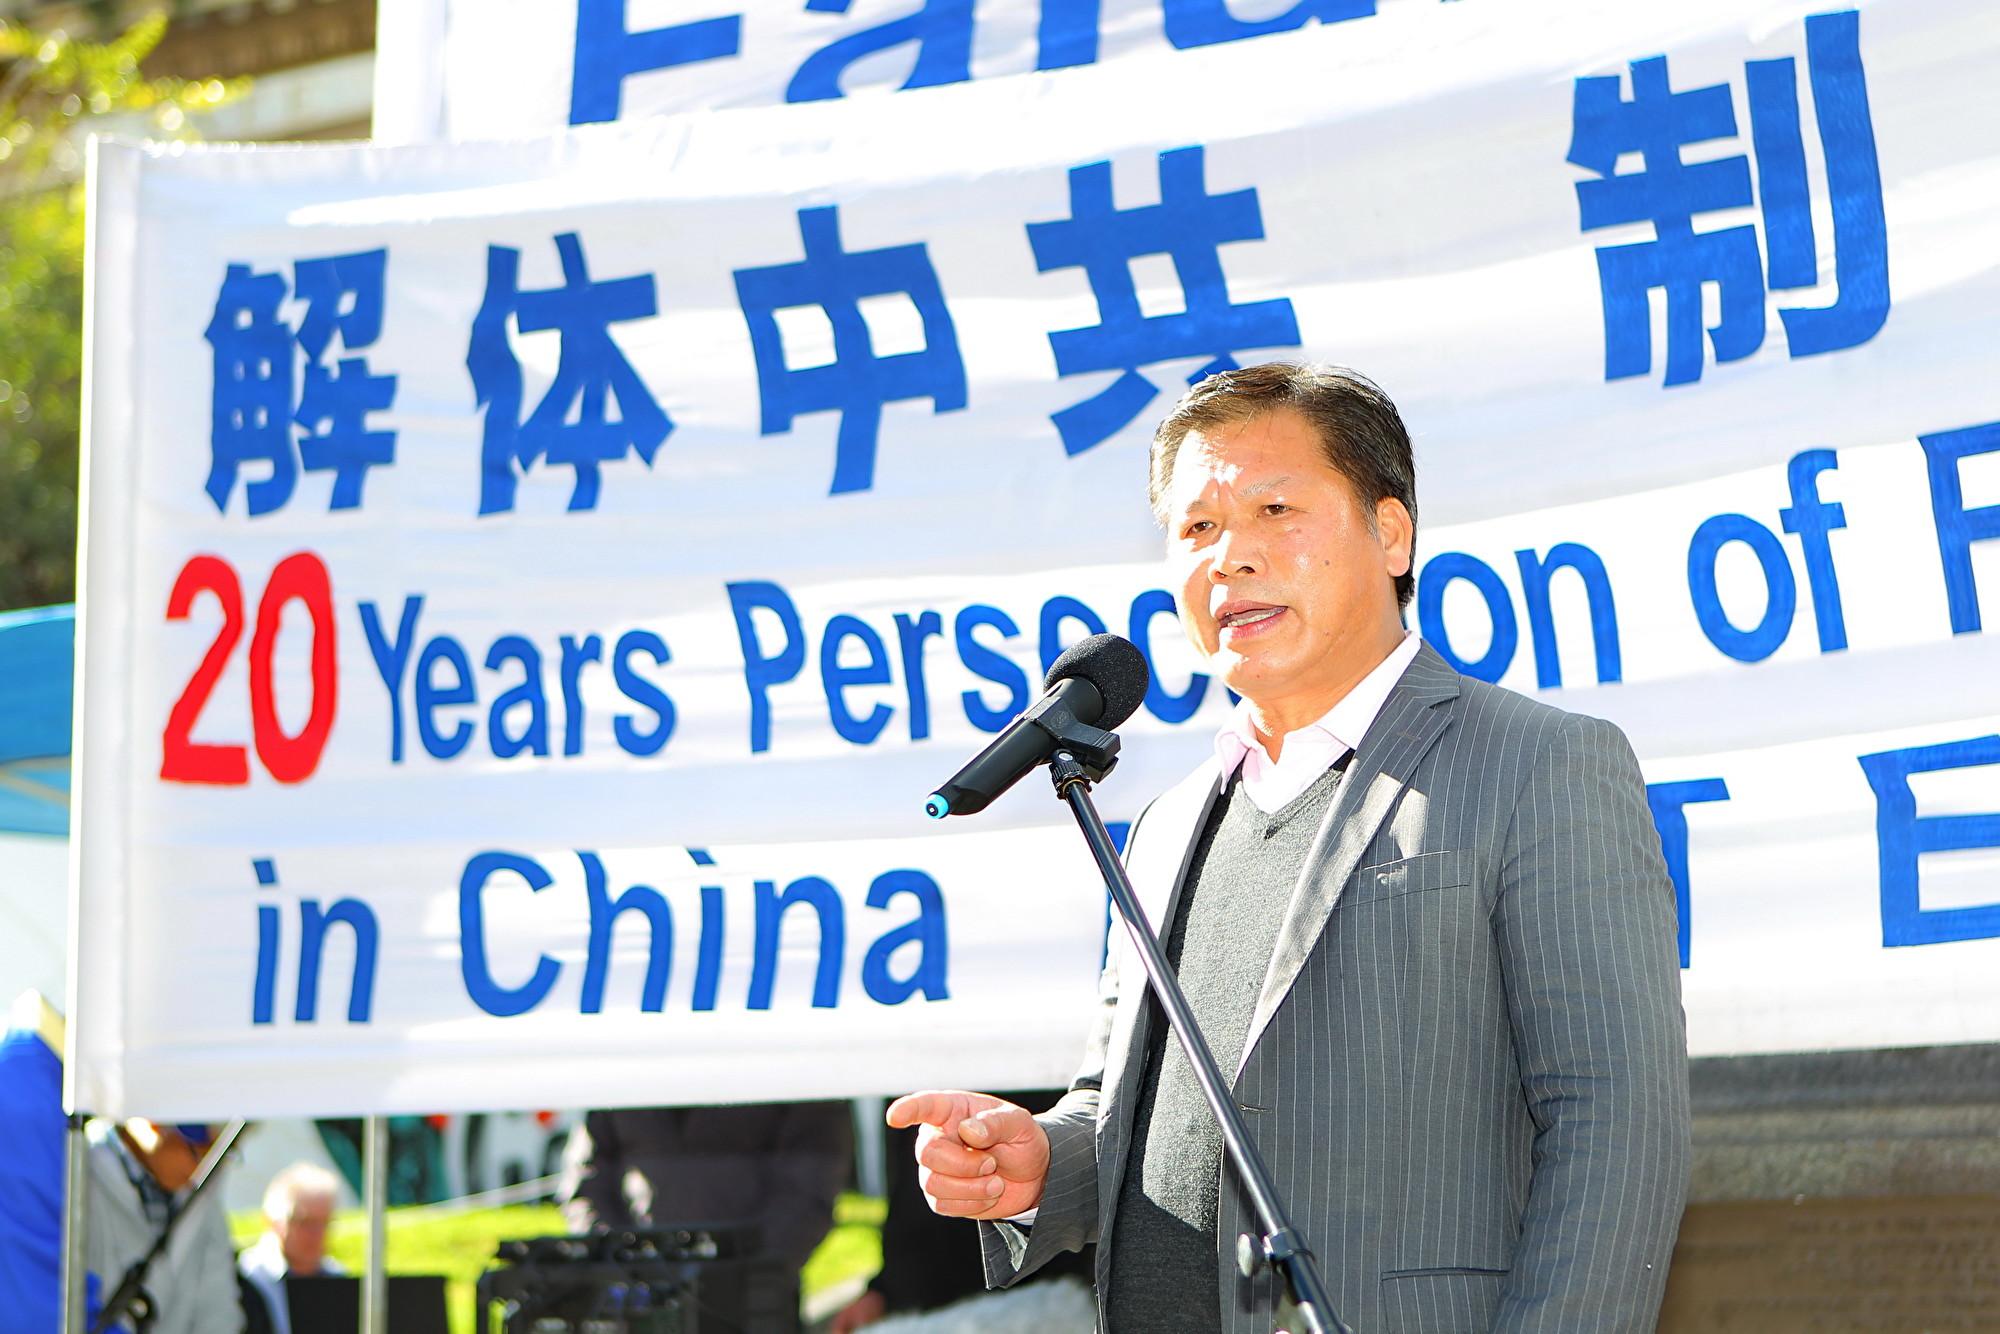 墨爾本《天安門時報》主編阮傑勸告所有華人:「今天對法輪功受迫害、對中國大陸任何不公不義保持沉默,總有一天,中共罪惡的作為會輪到你頭上。」(陳明/大紀元)